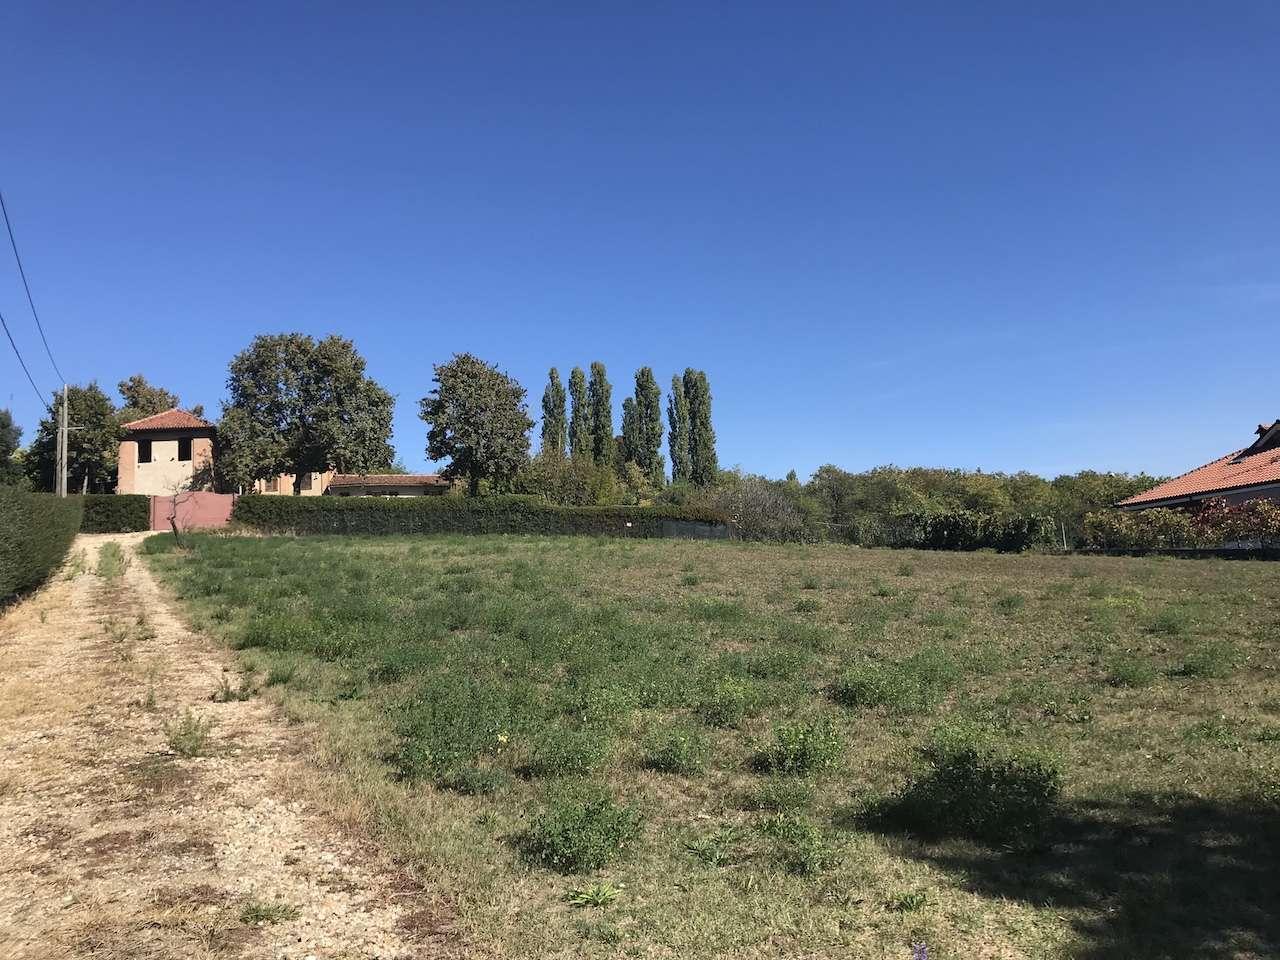 Terreno residenziale in Vendita a Moncalieri: 3100 mq